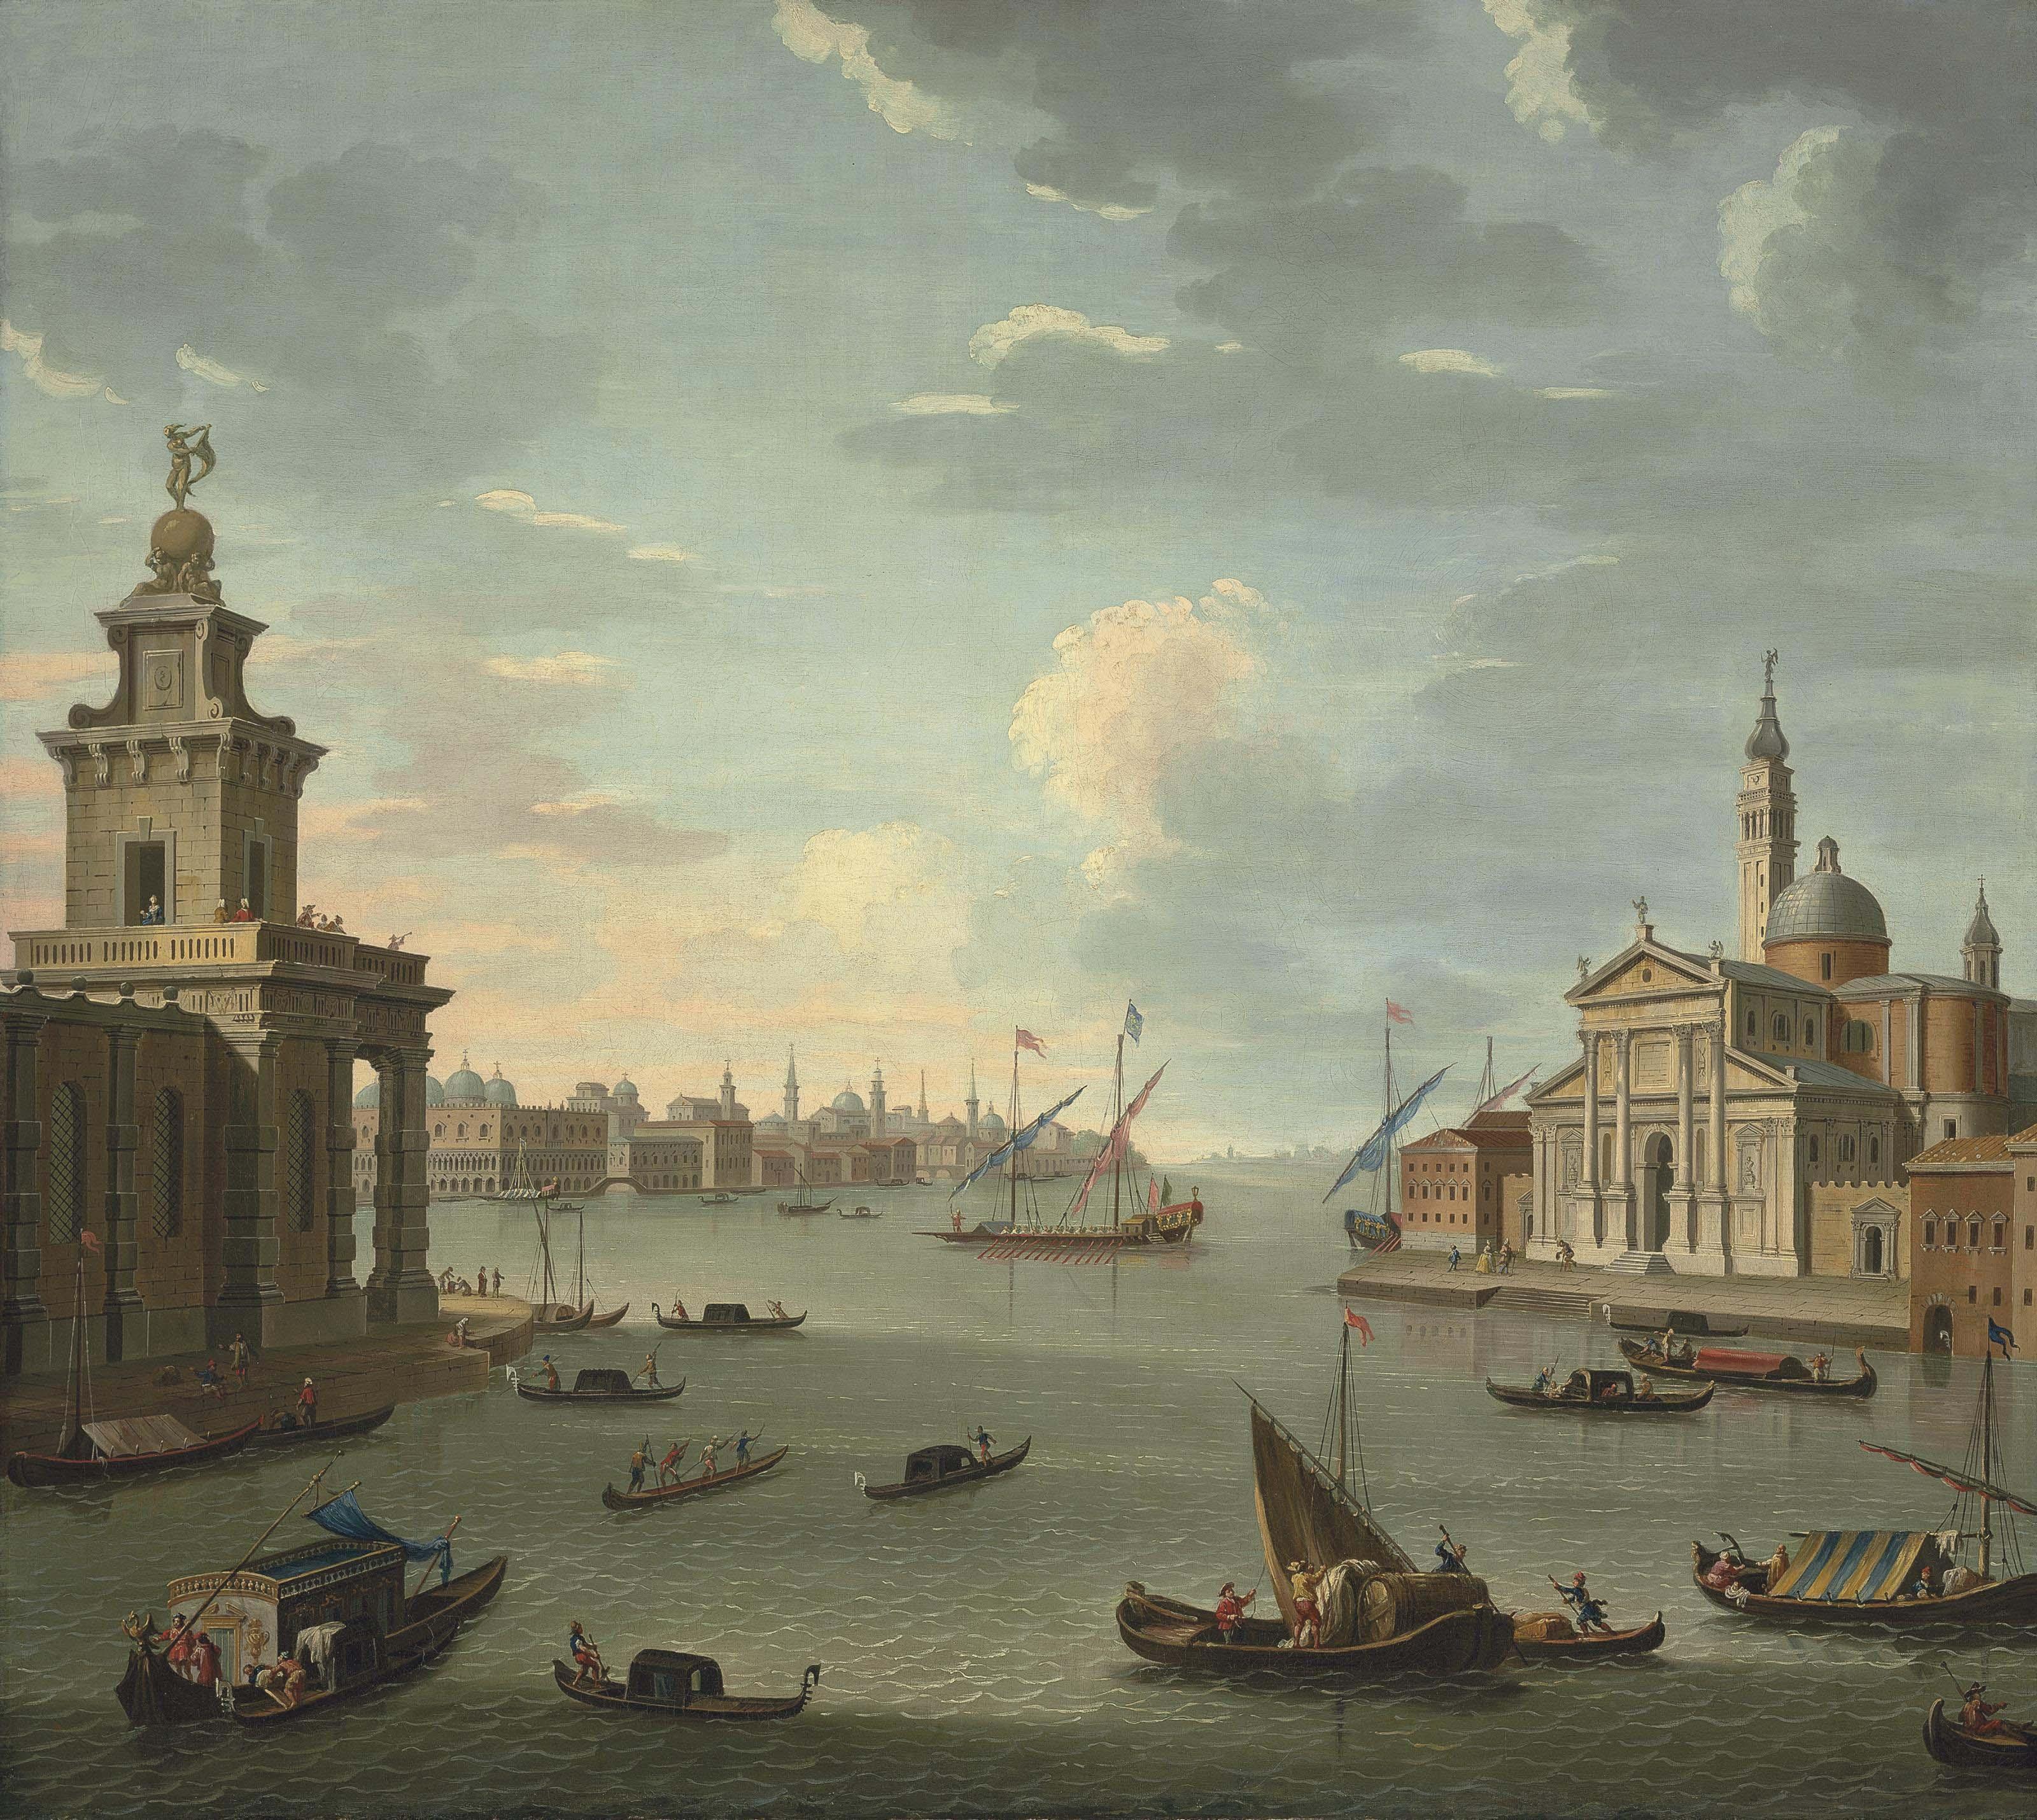 Antonio Joli (Modena 1700-1777